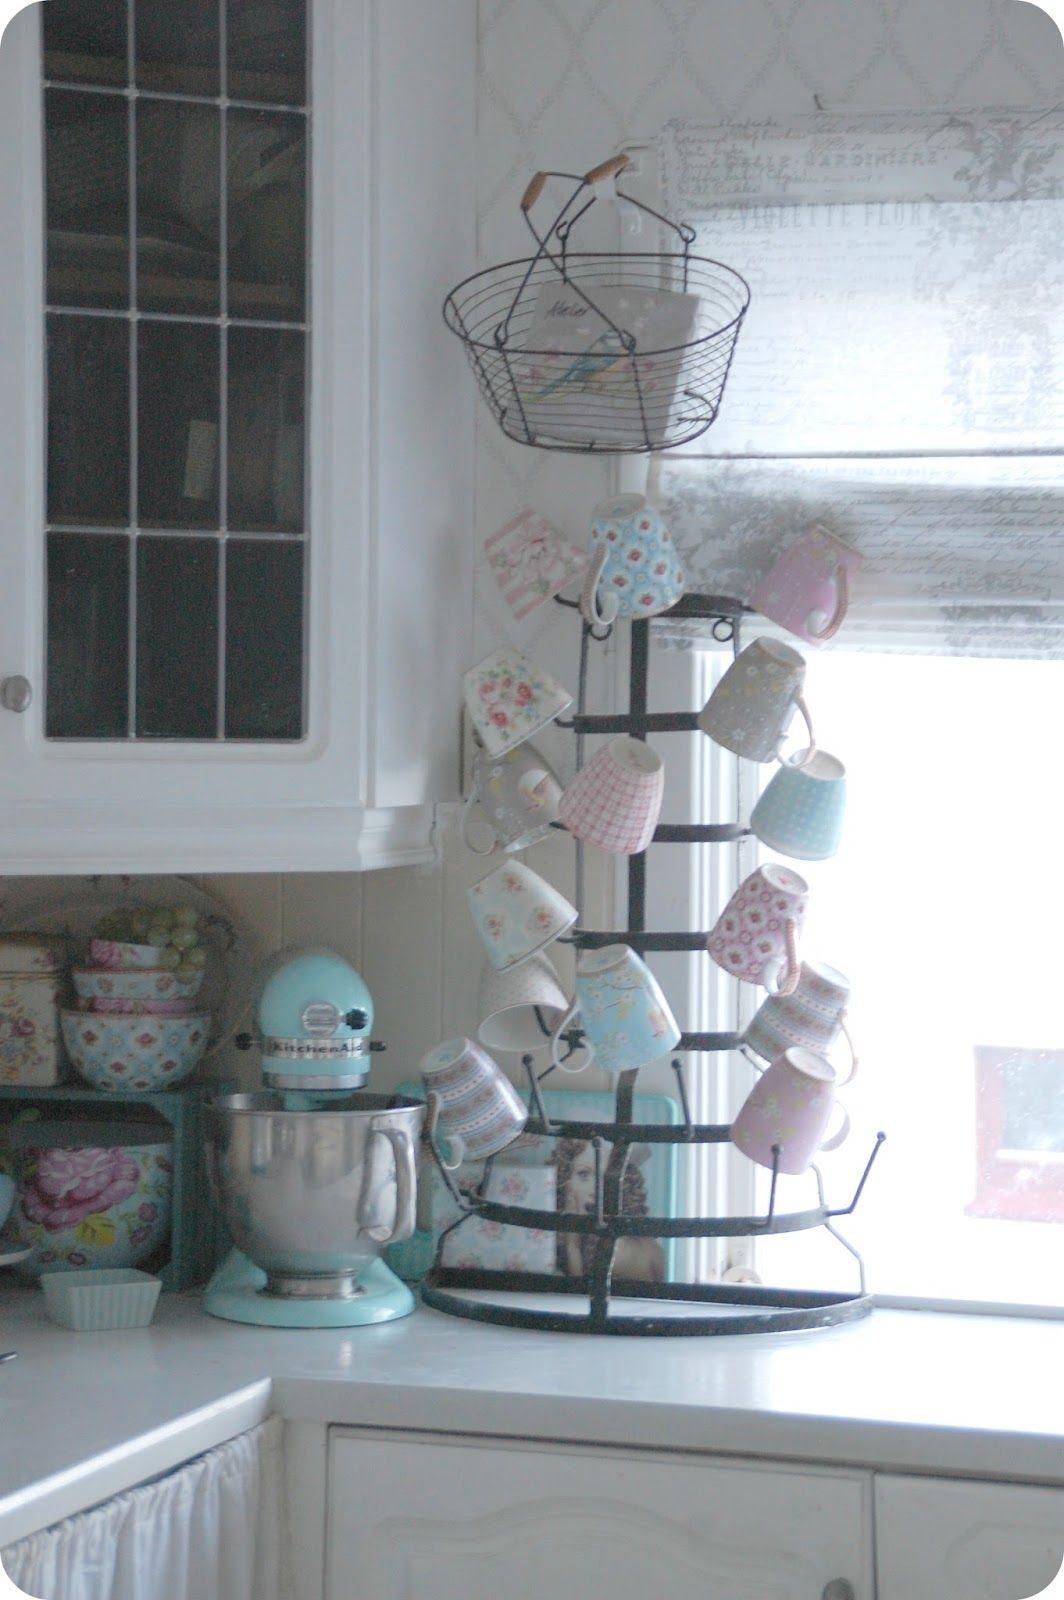 Toves Sammensurium   Kitchen Dreams & Wishes   Pinterest